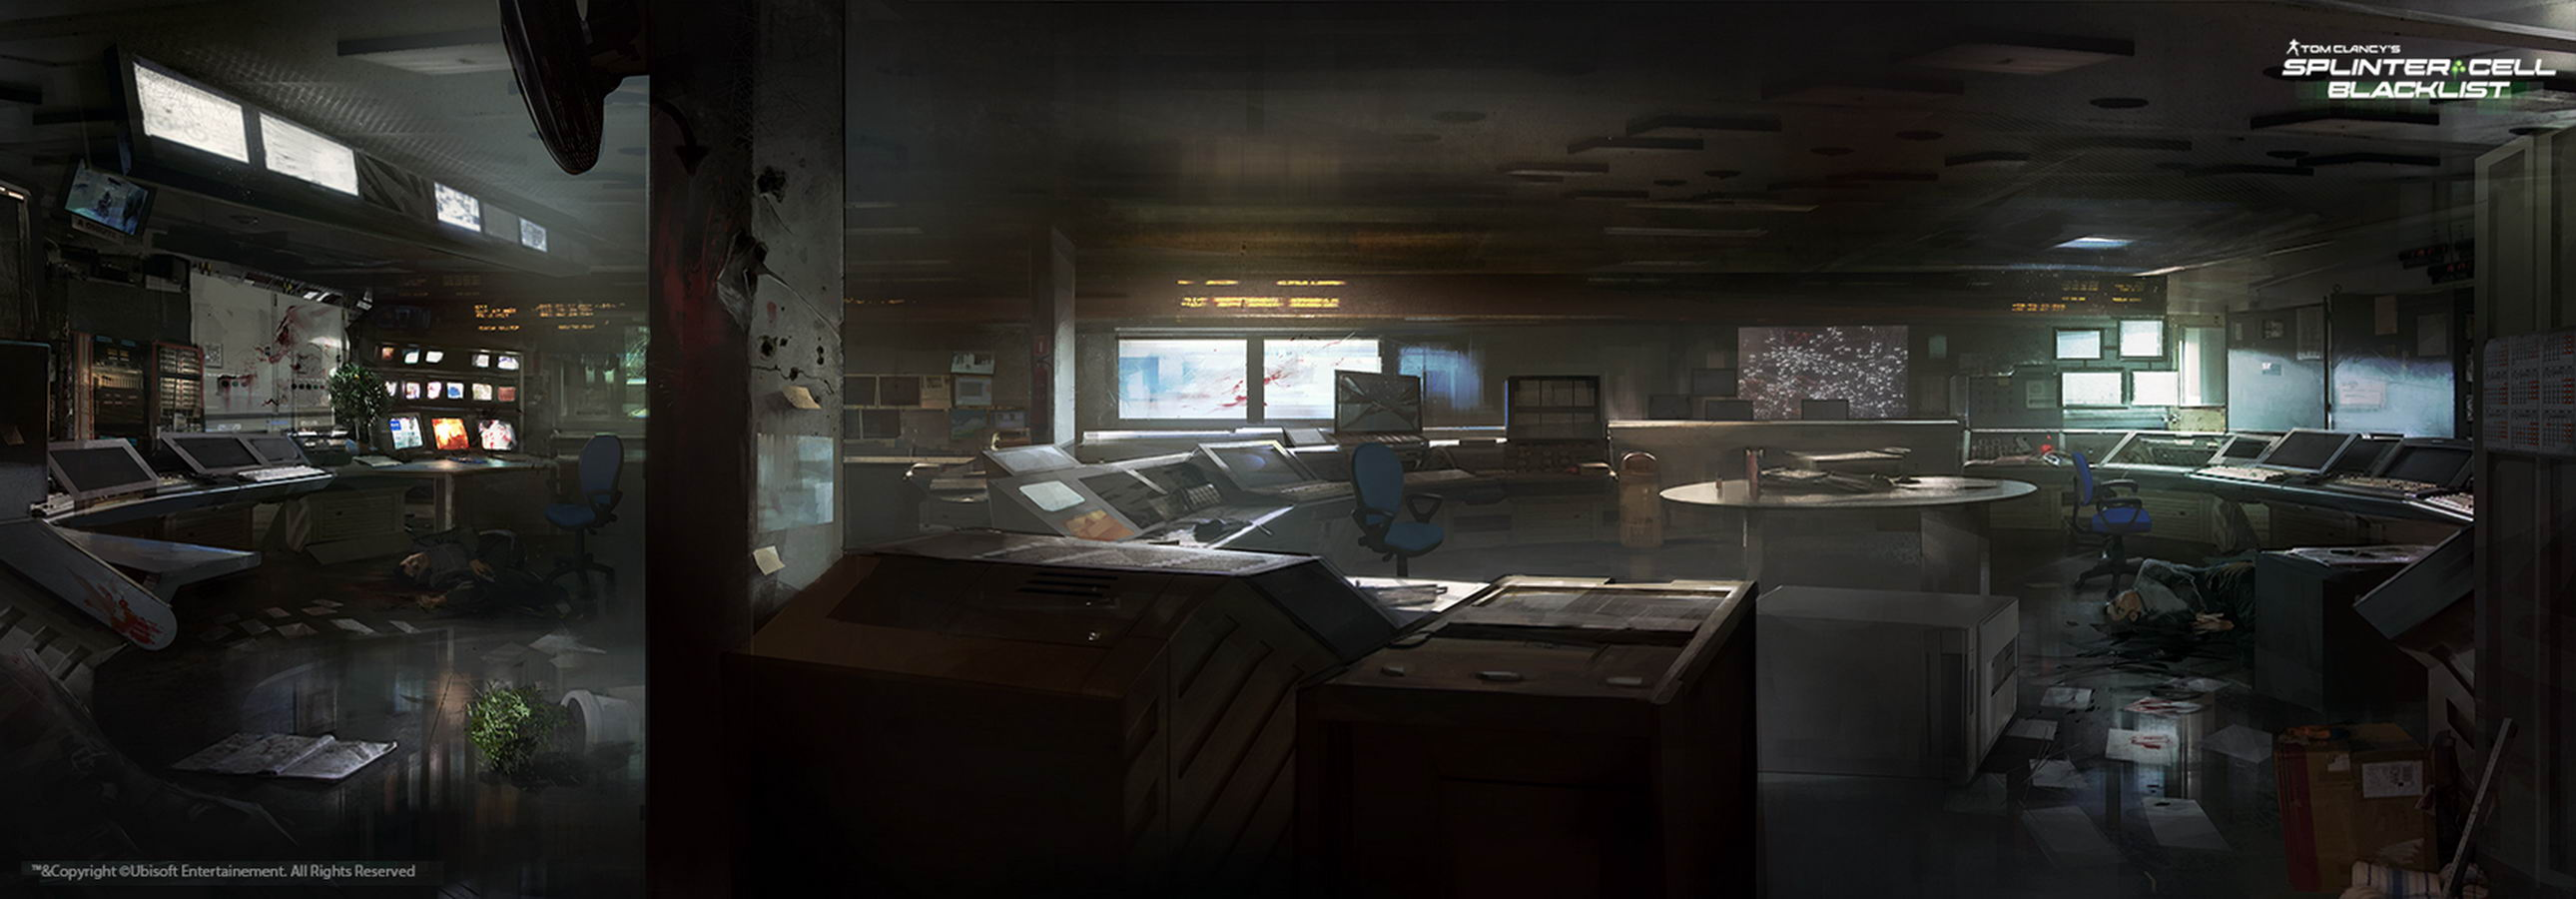 Арт Splinter Cell: Blacklist